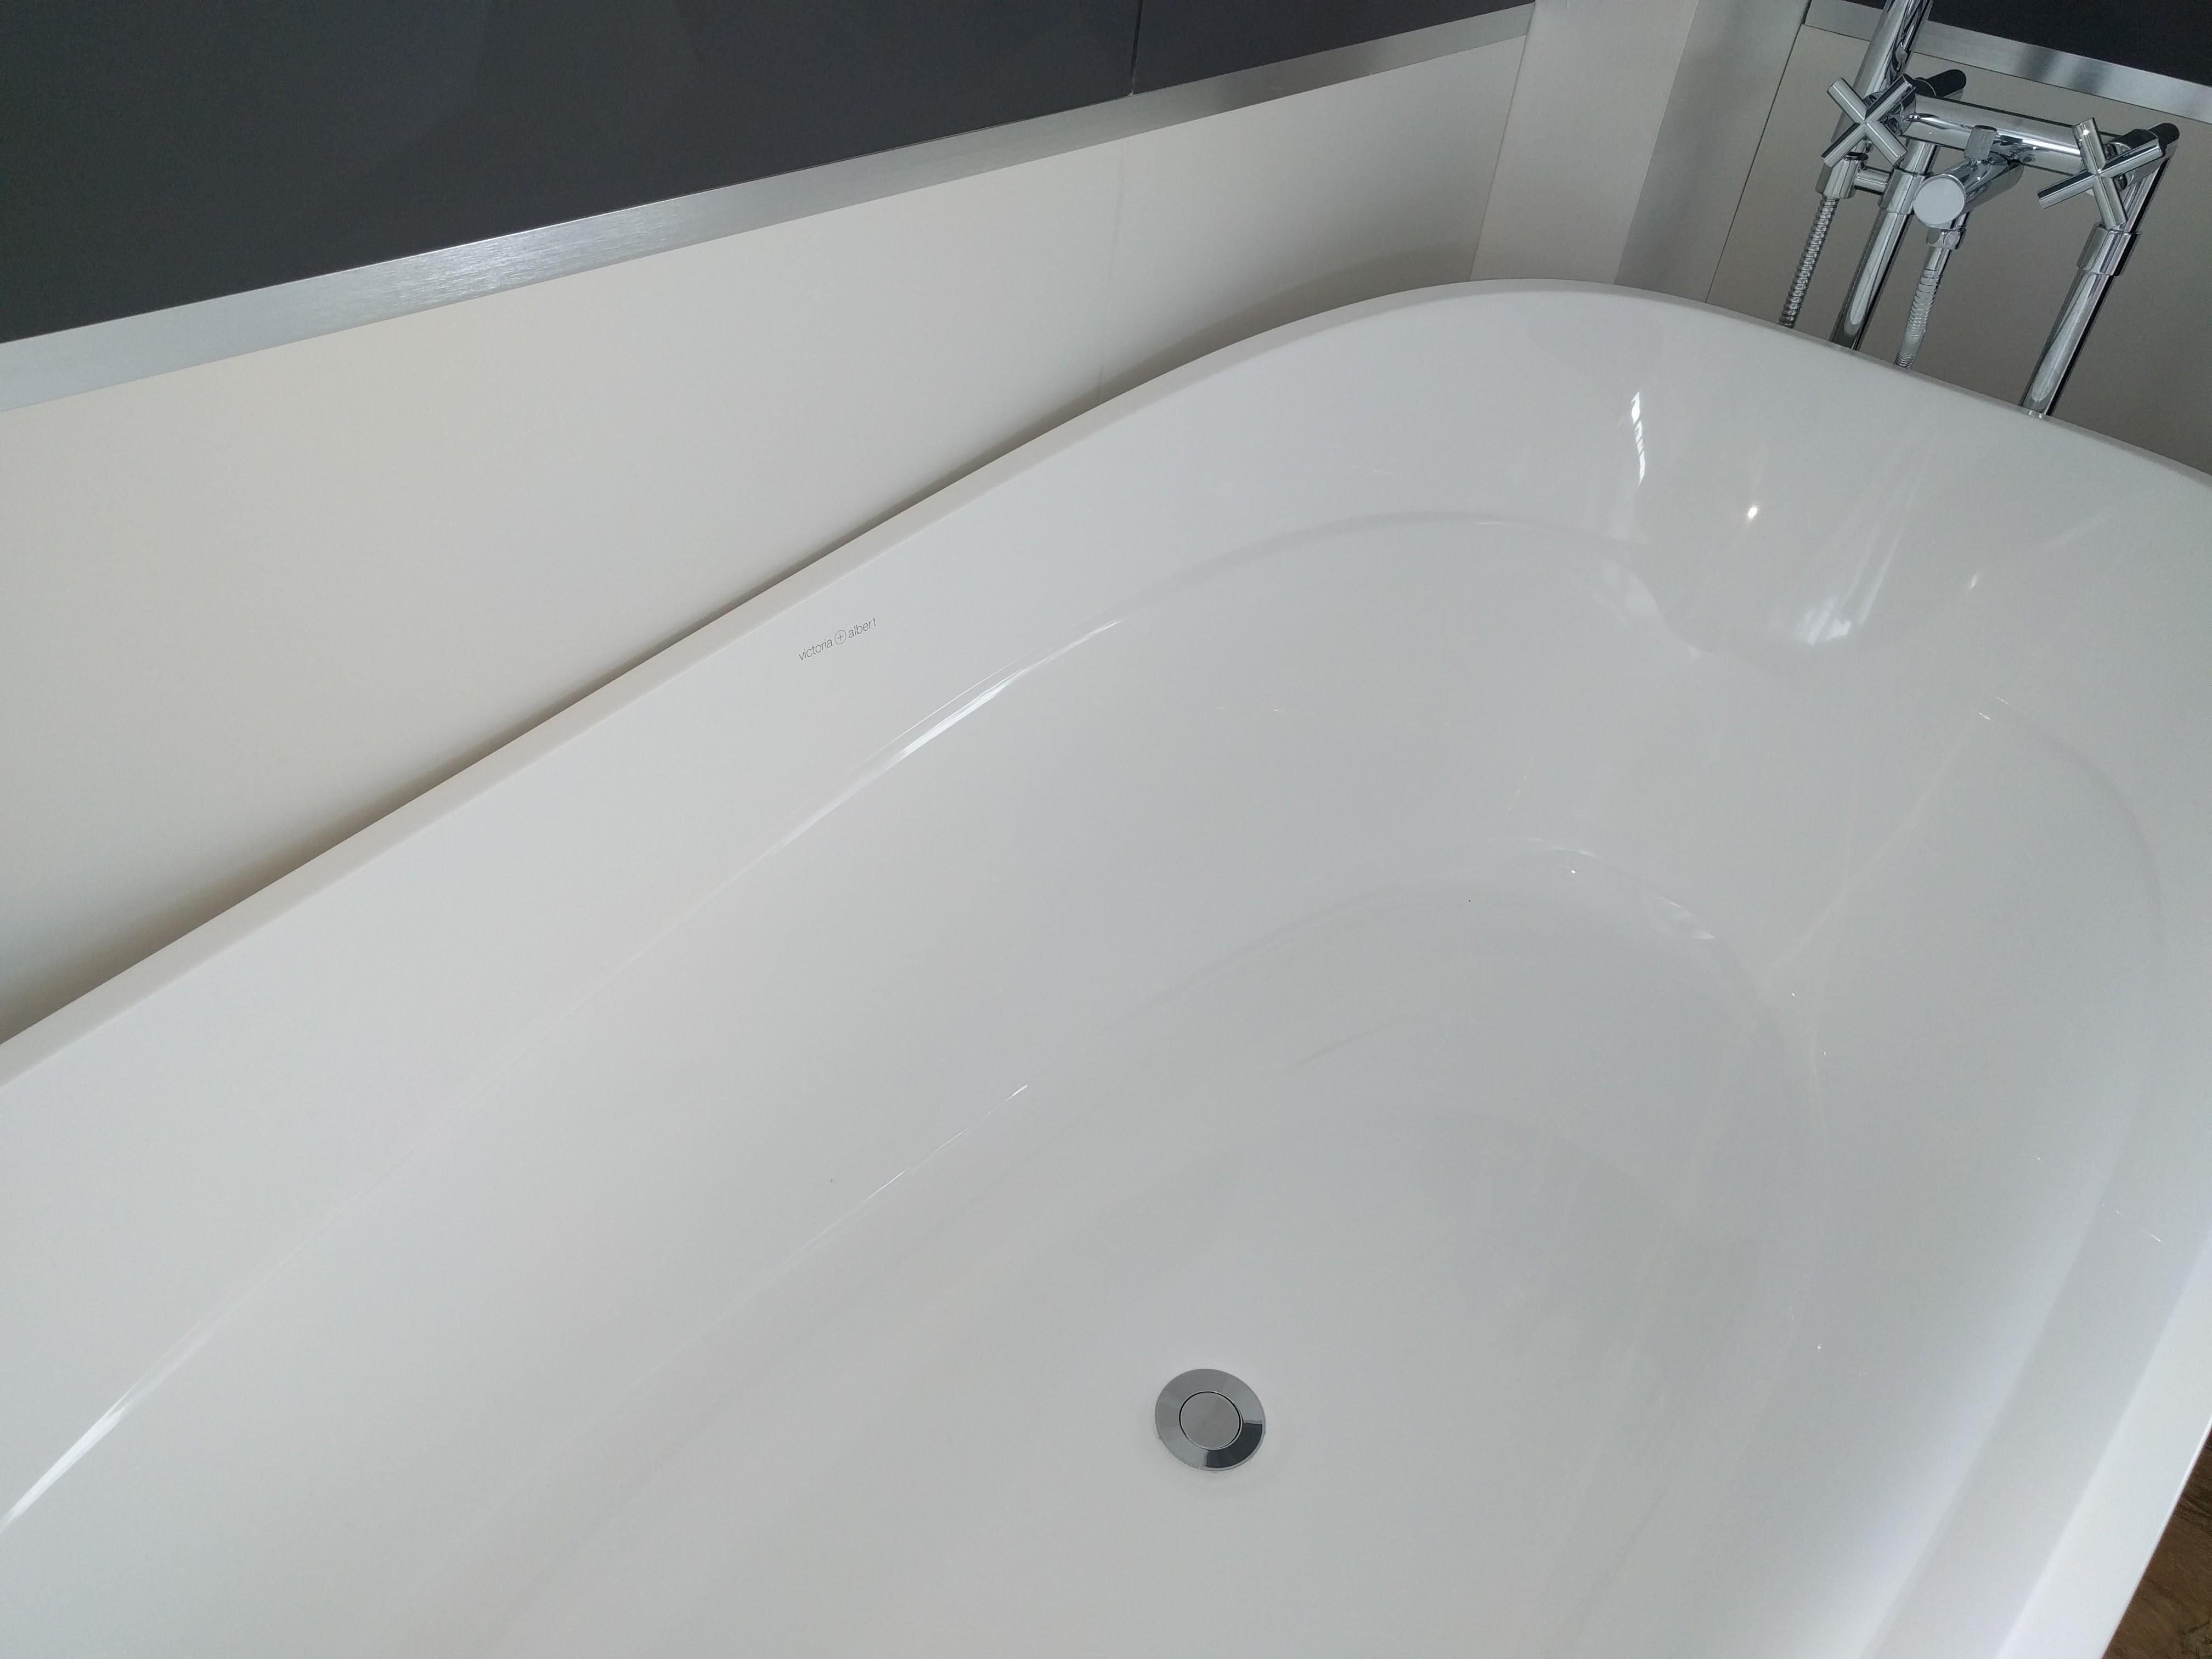 baignoire de couleur de quelle couleur la baignoire baignoire iris version plus novellini. Black Bedroom Furniture Sets. Home Design Ideas